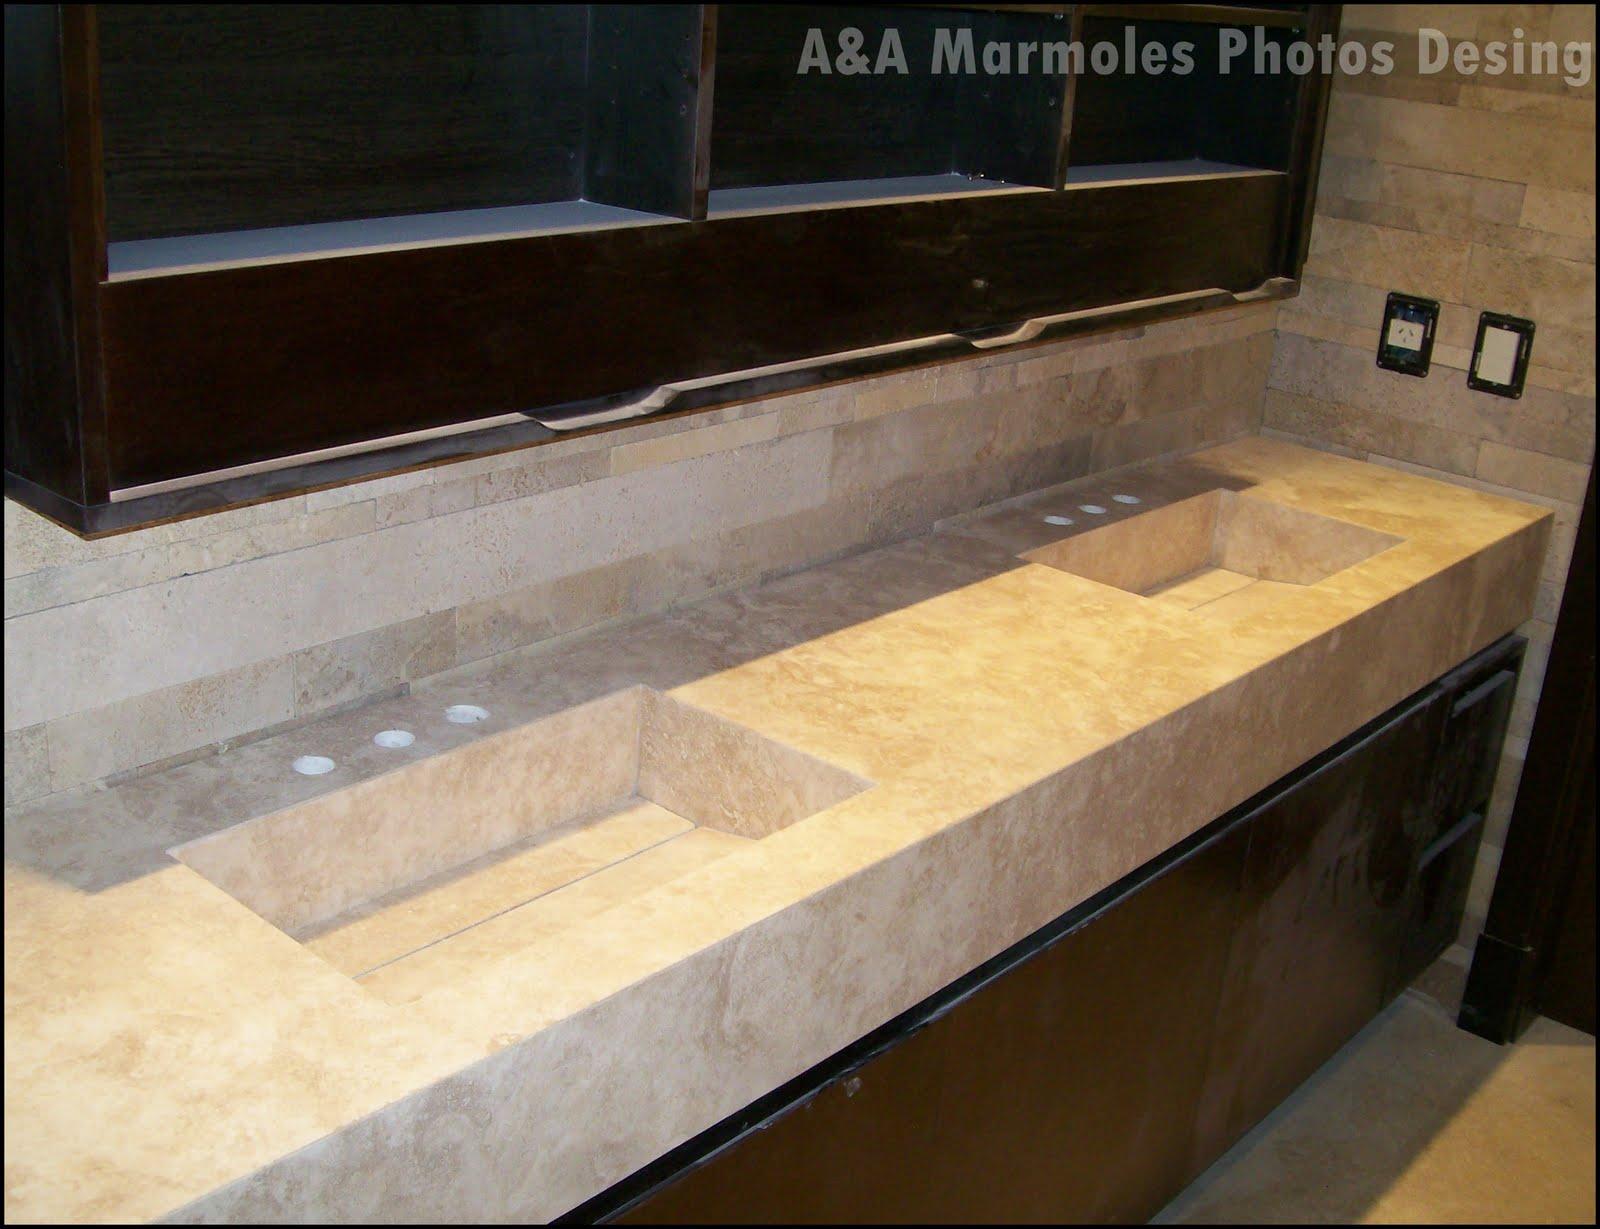 Aranda marmoles mesada travertino for Banos con marmol travertino